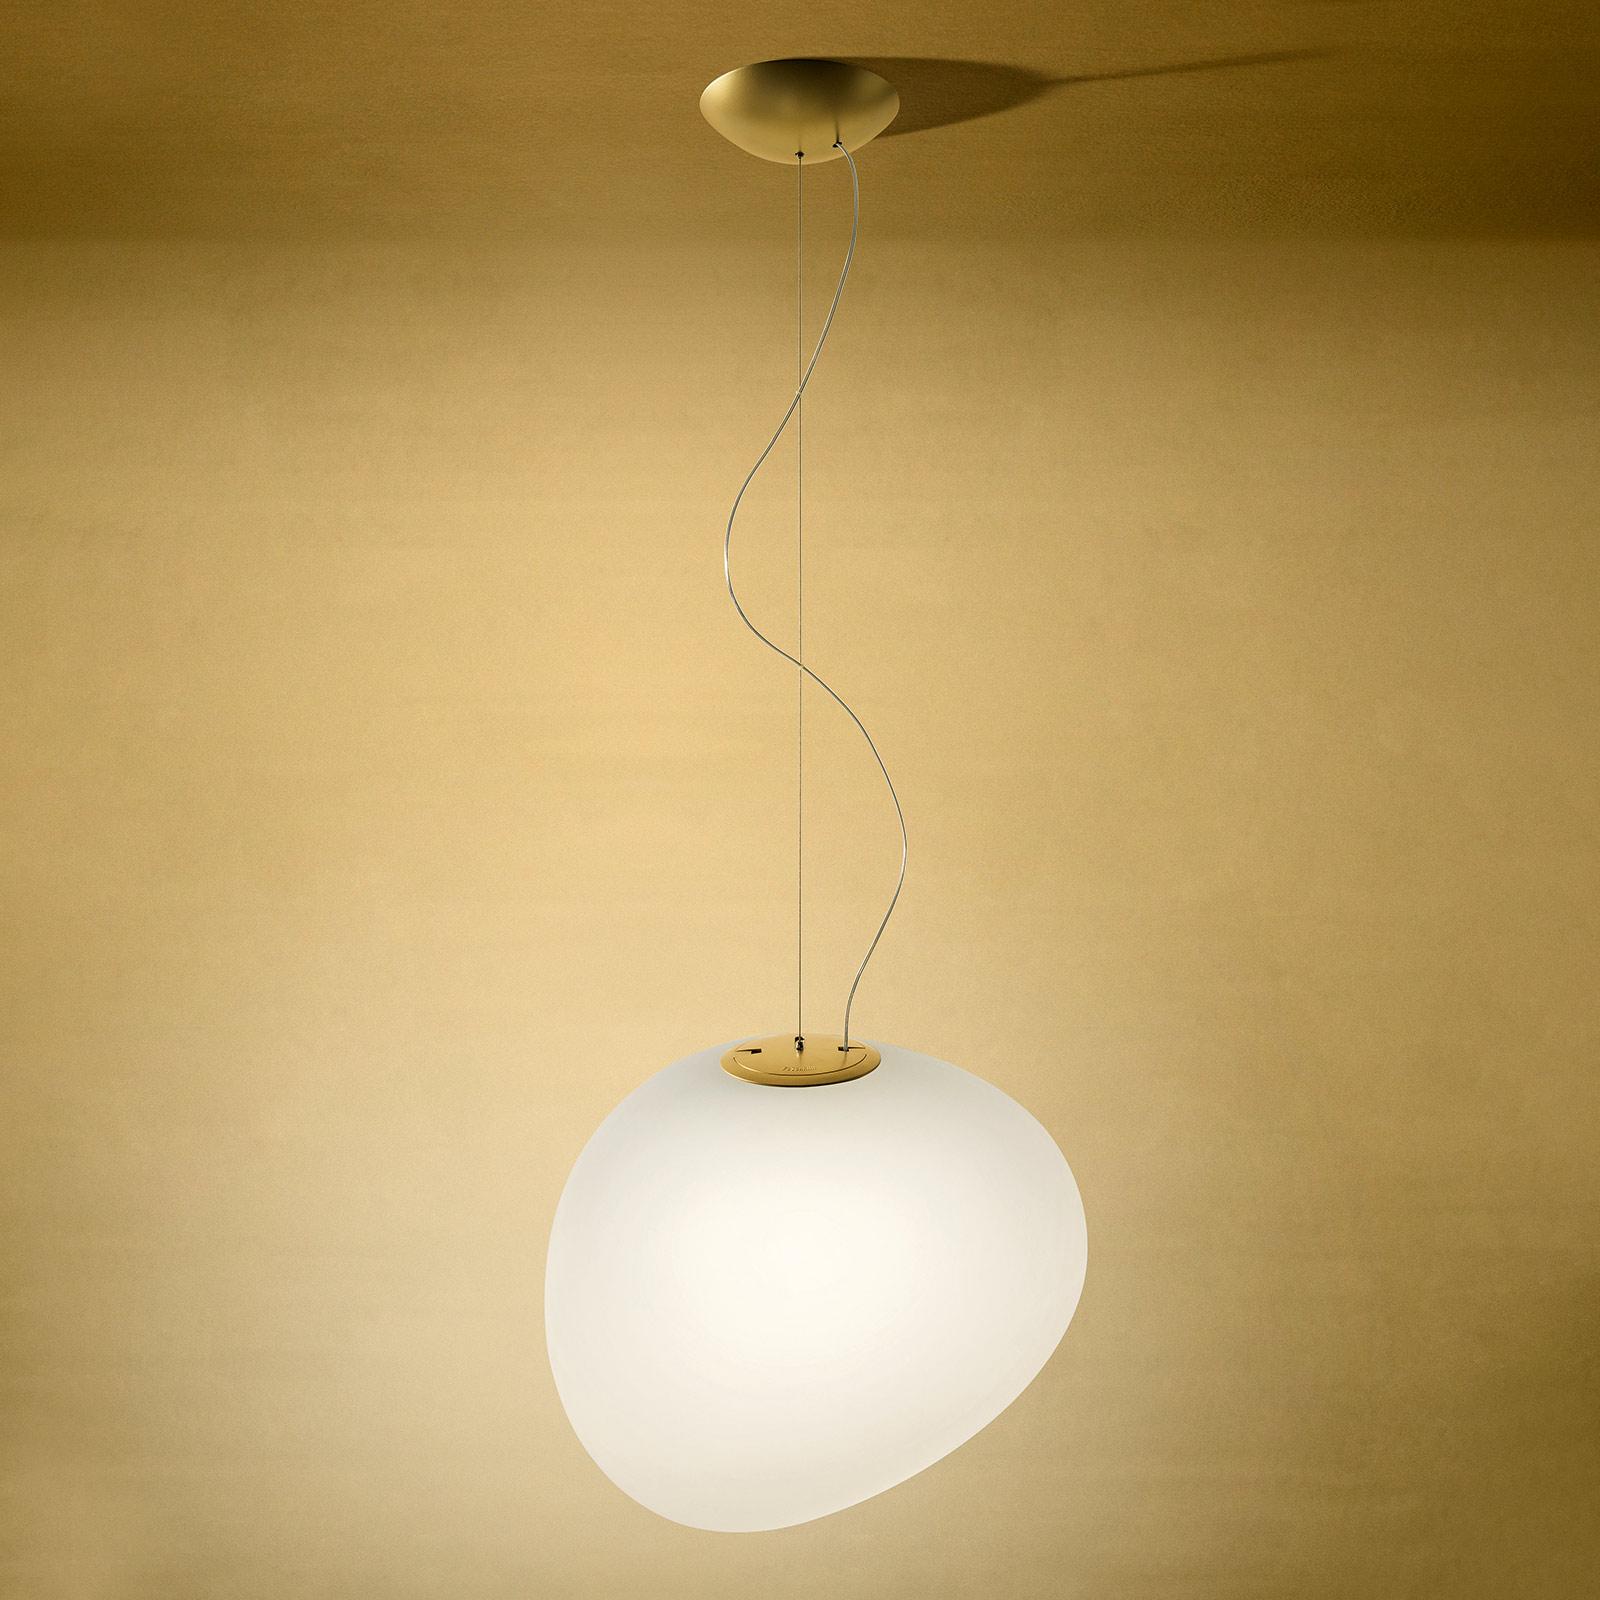 Foscarini MyLight Gregg media hængelampe, gylden